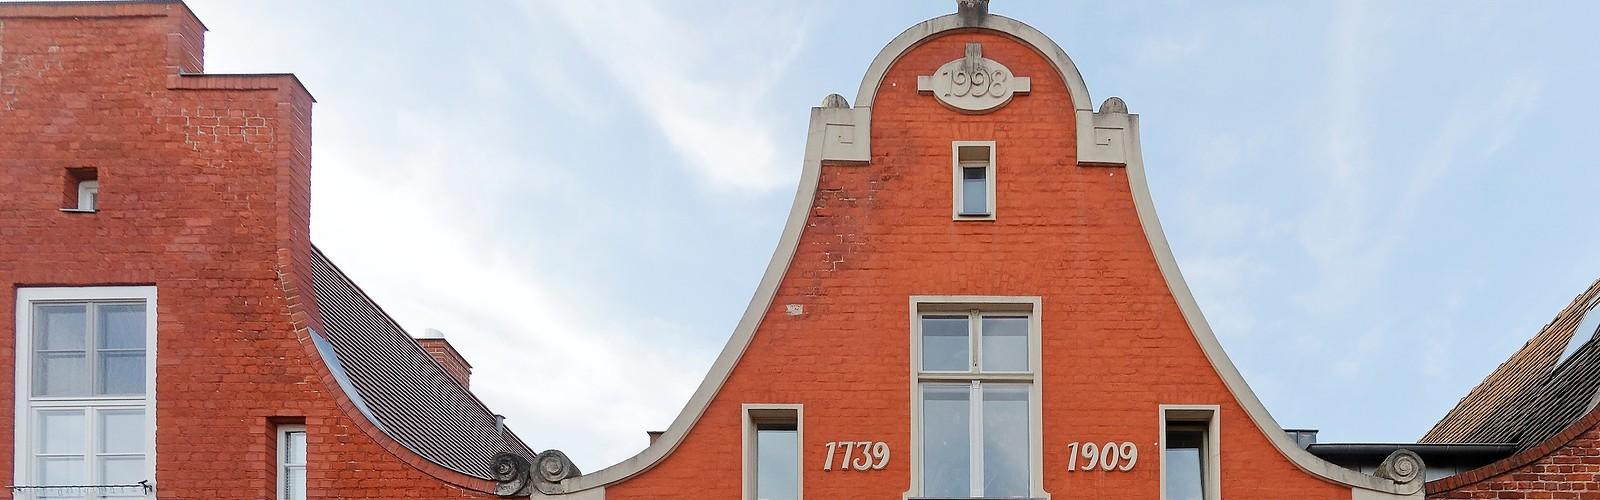 Holländische Viertel - PMSG, André Stiebitz